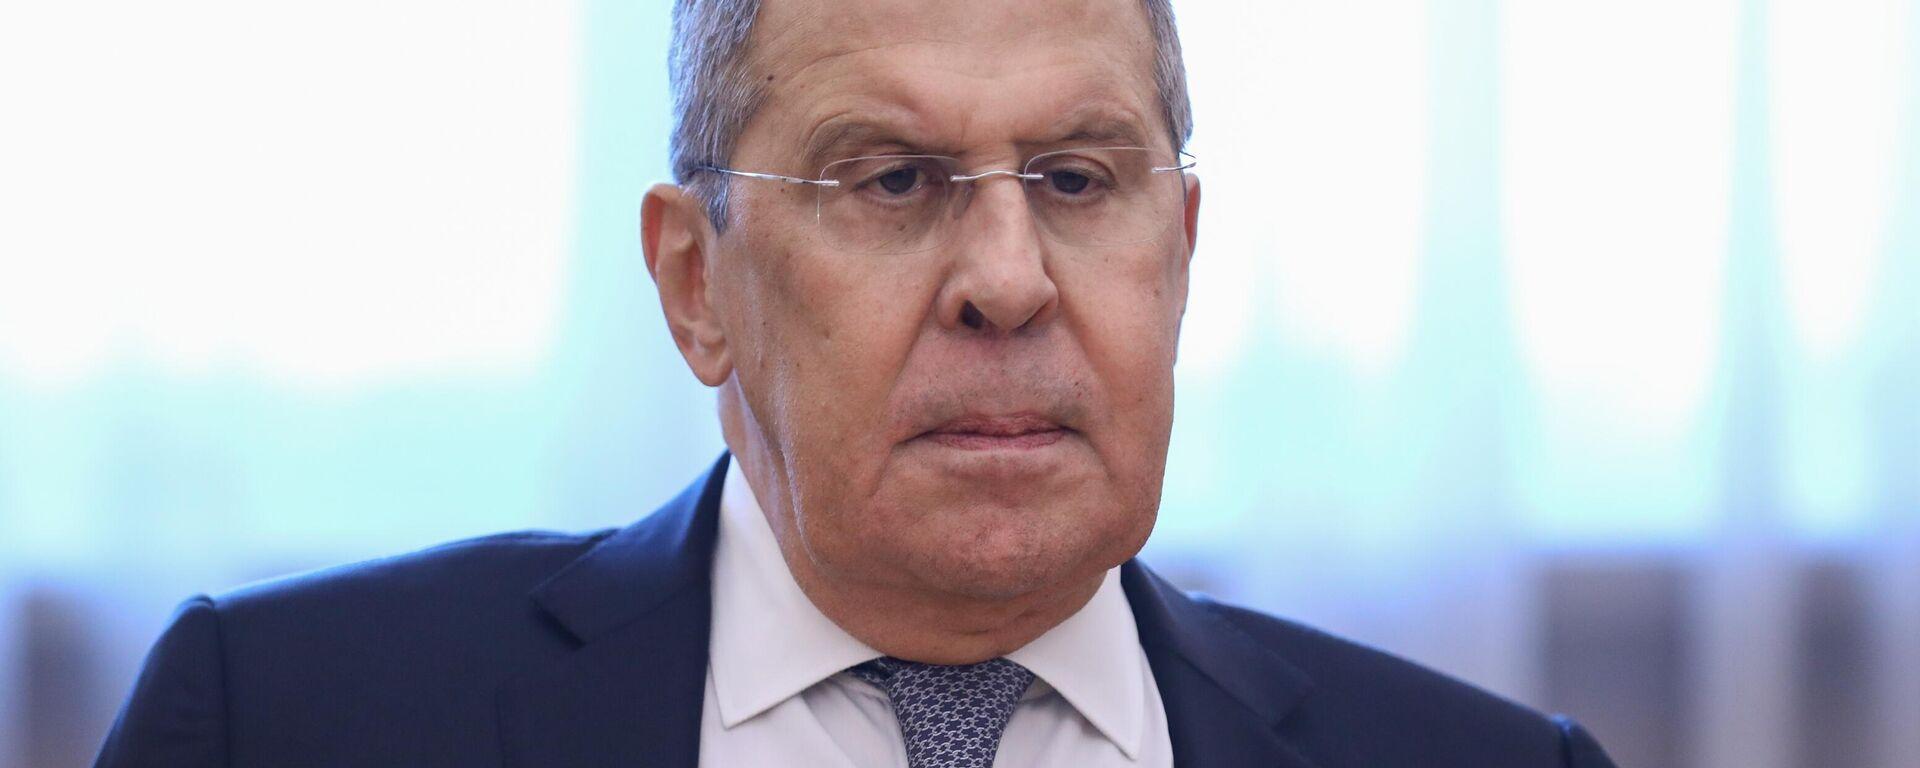 Министр иностранных дел РФ Сергей Лавров - Sputnik Узбекистан, 1920, 16.07.2021